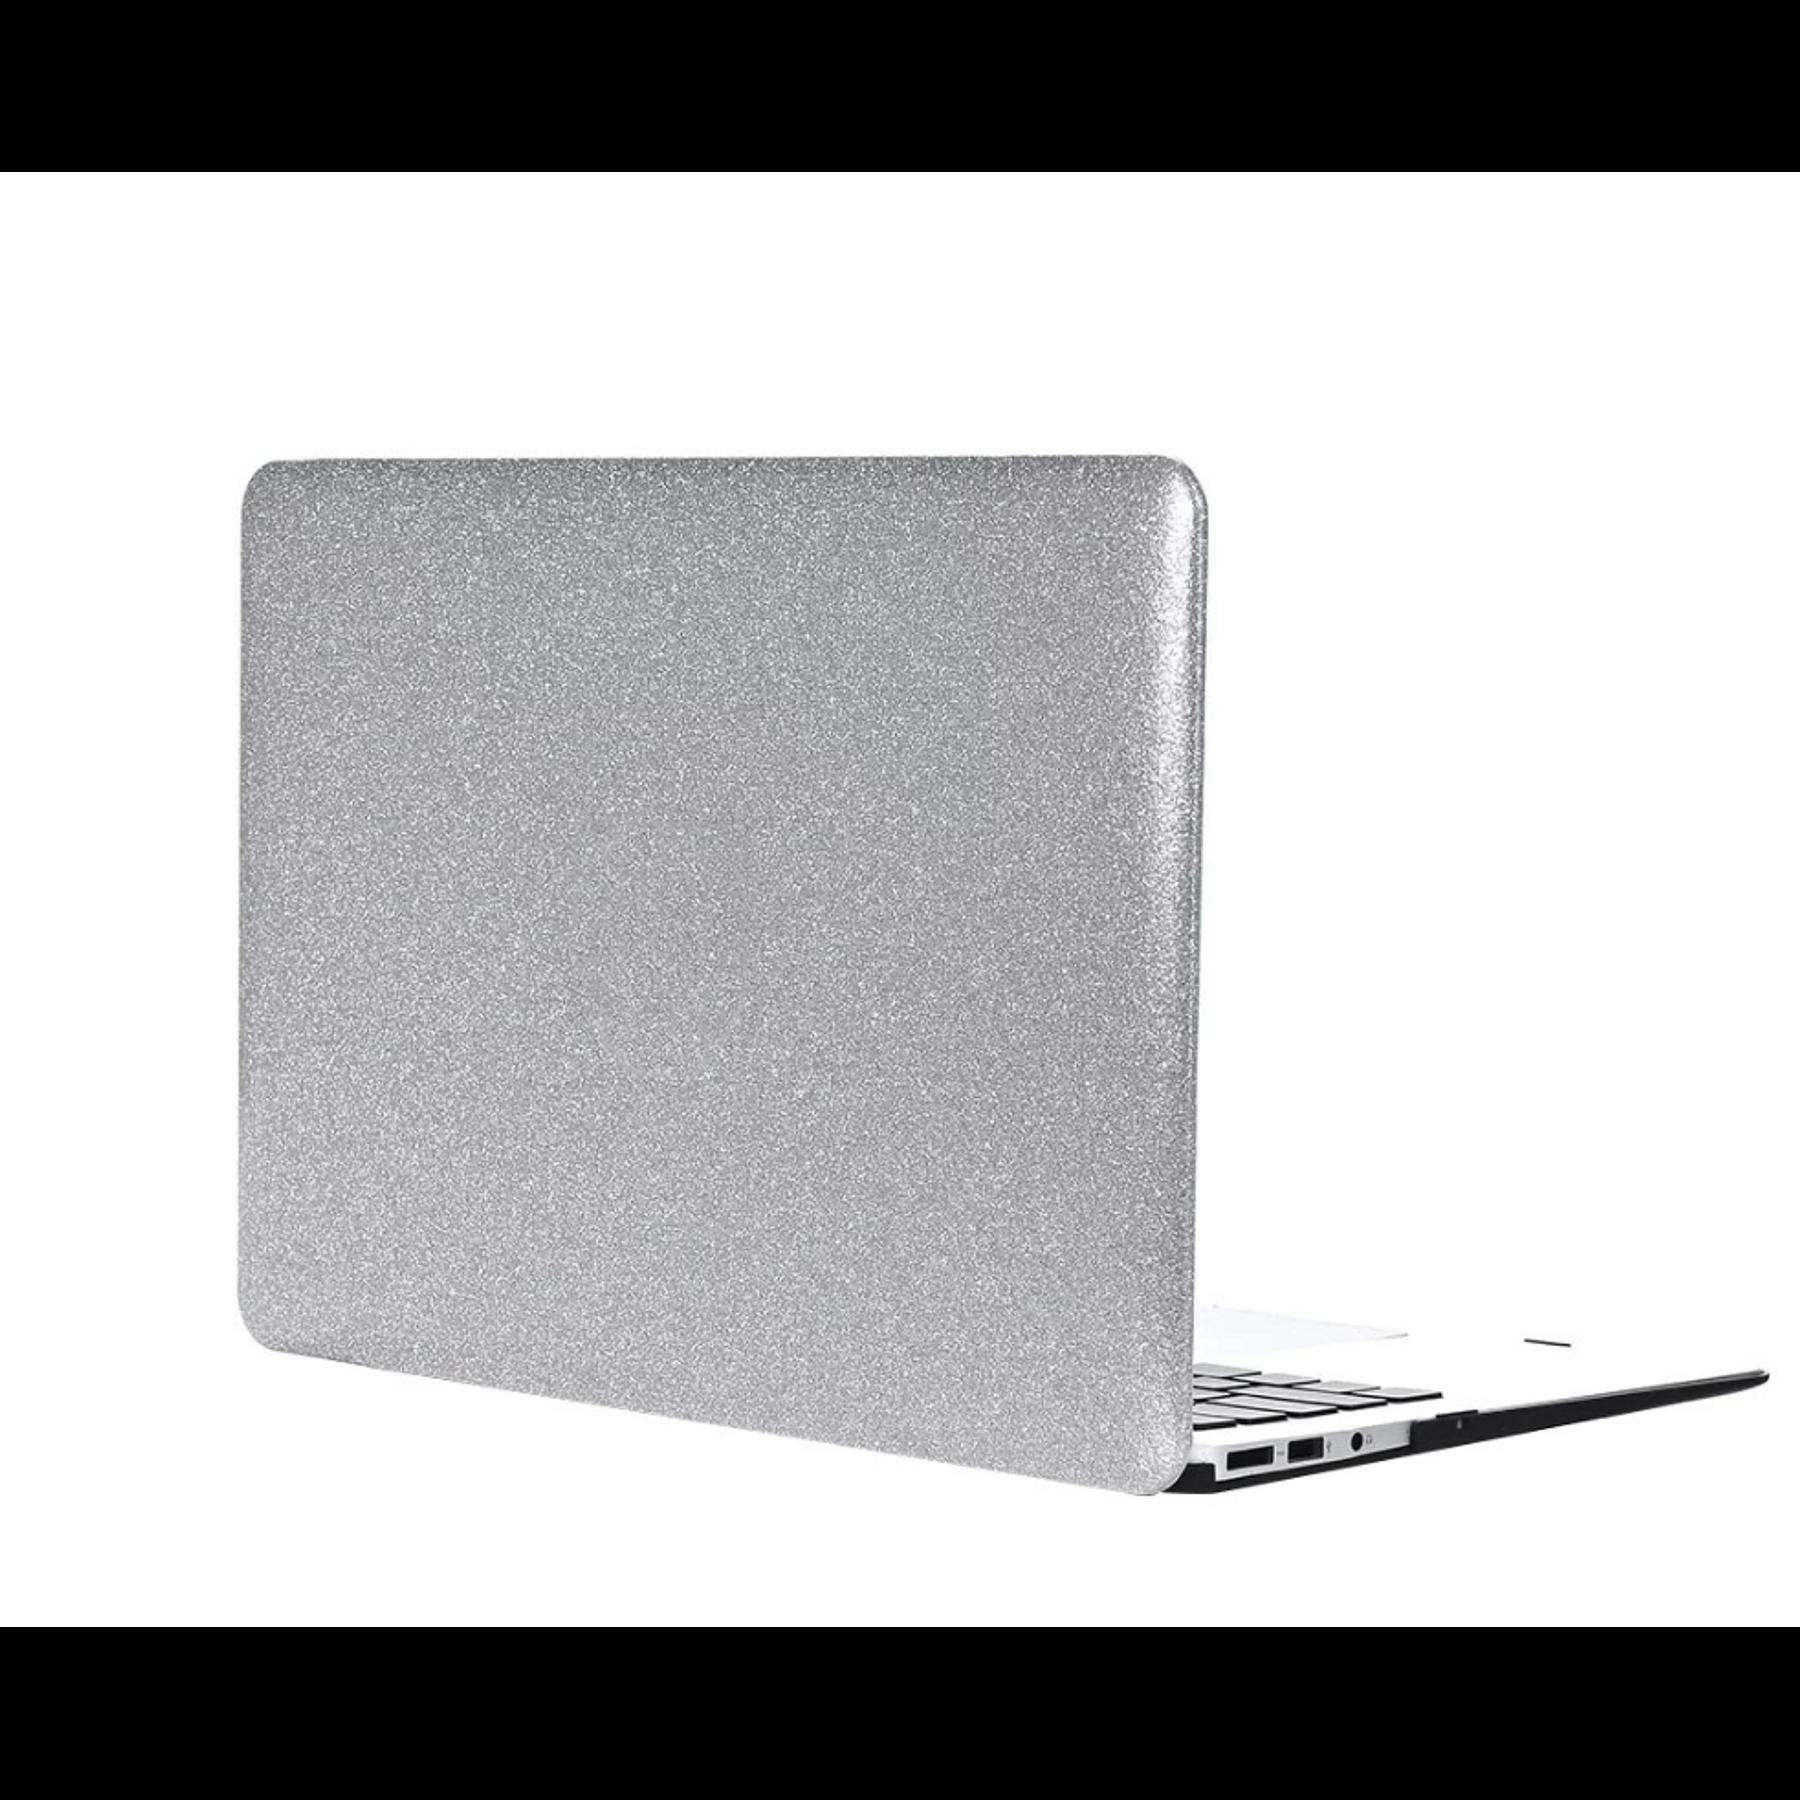 Carcasa MacBook Air 13.3